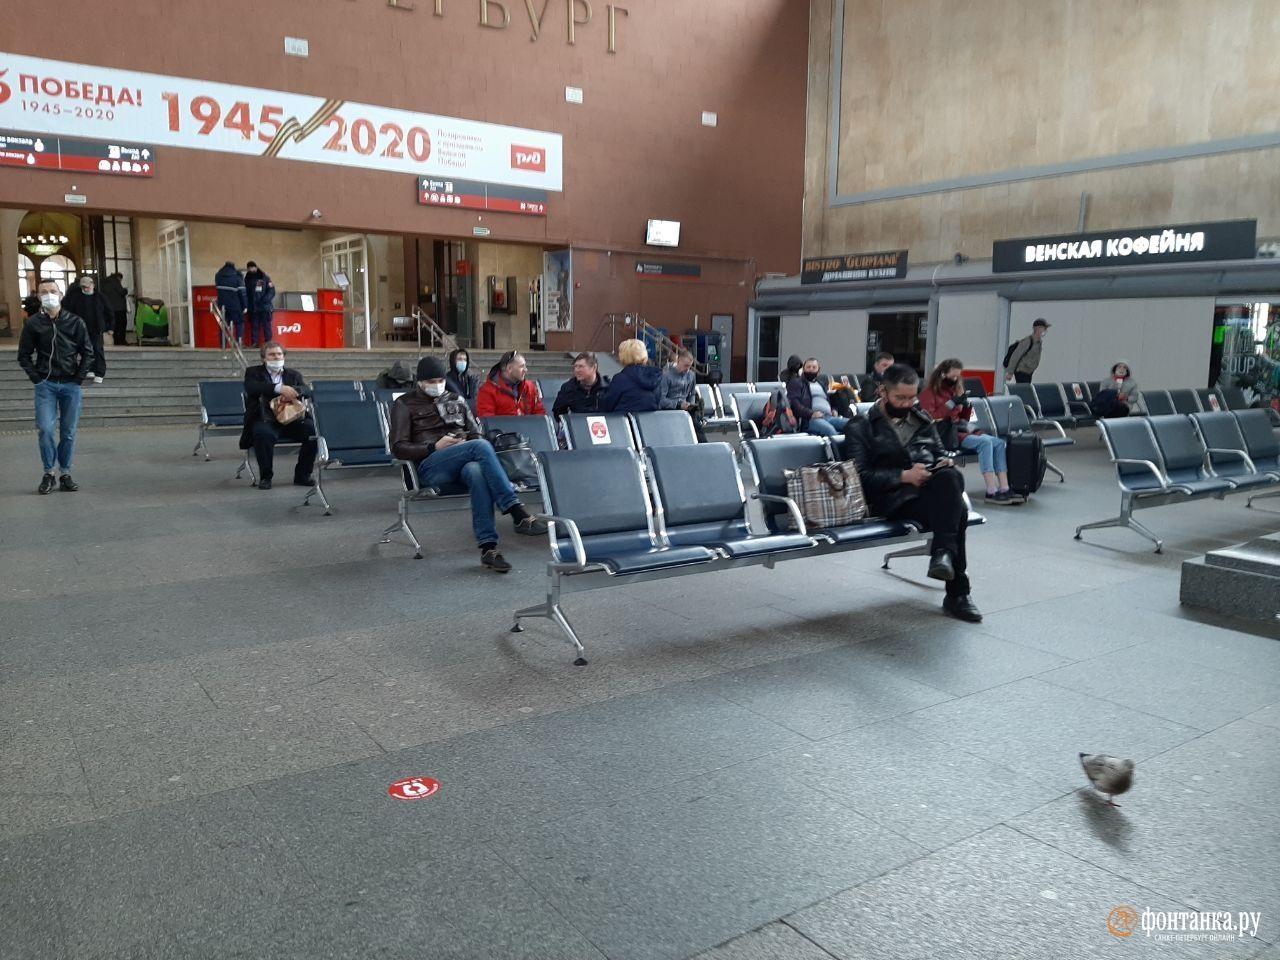 Московский вокзал<br><br>автор Ирина Корбат / «Фонтанка.ру»<br>